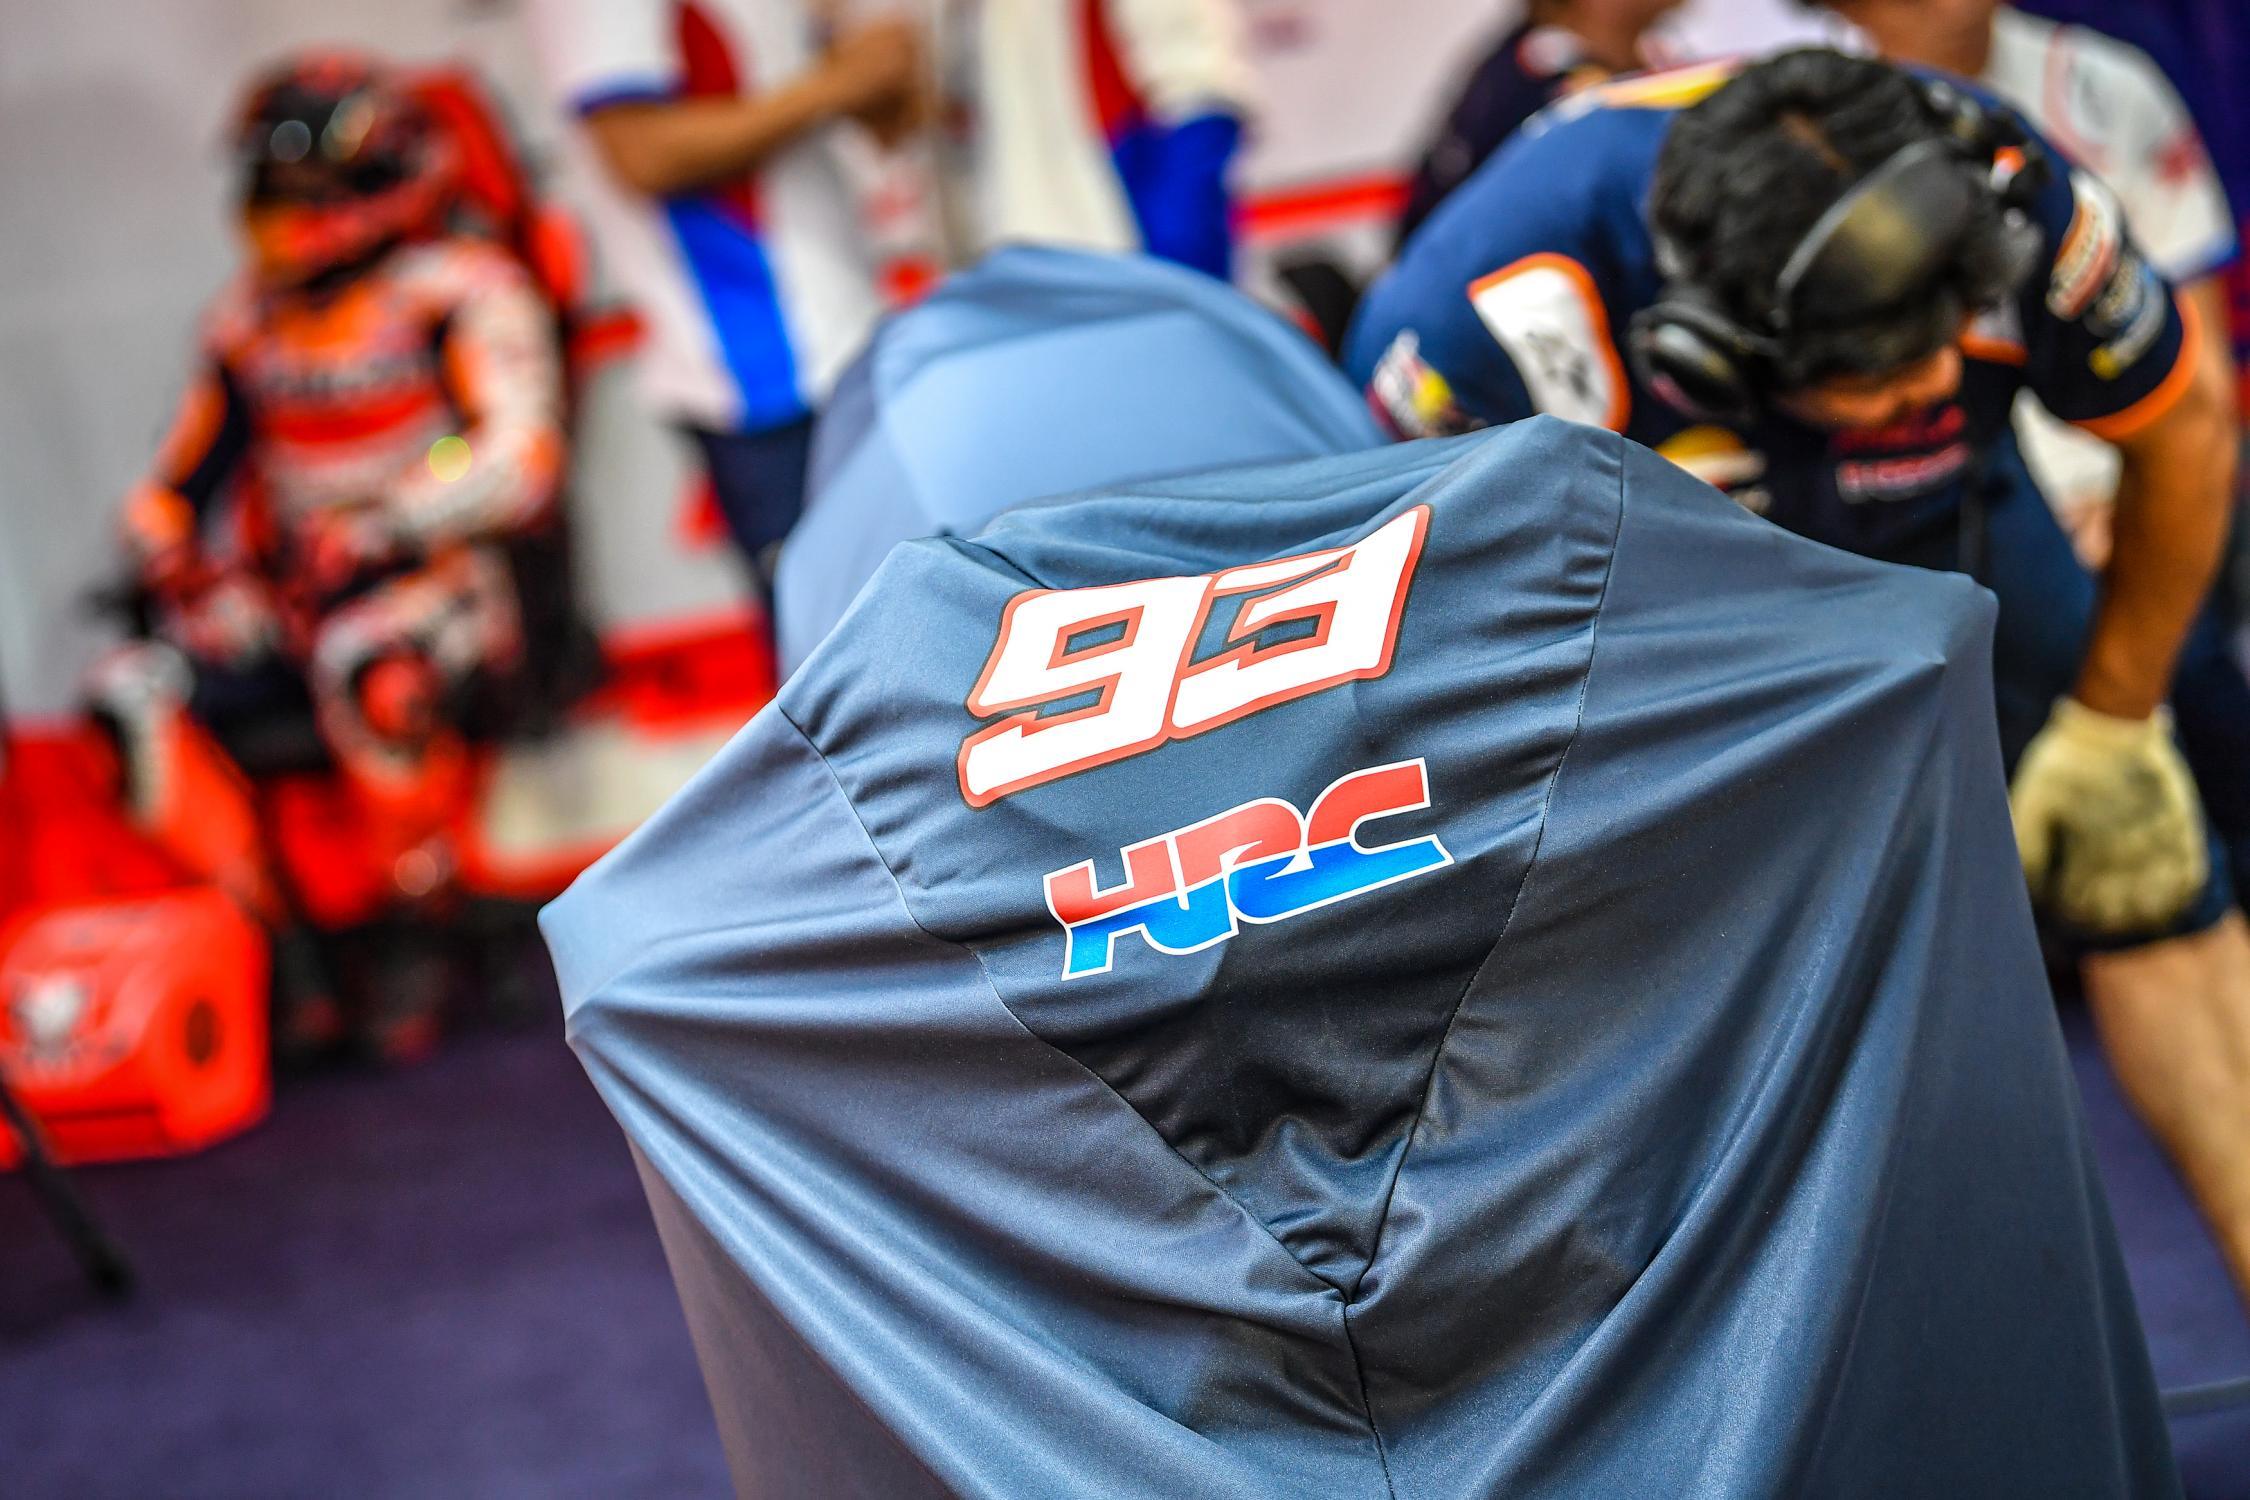 MotoGP aplaza el arranque de la temporada por coronavirus